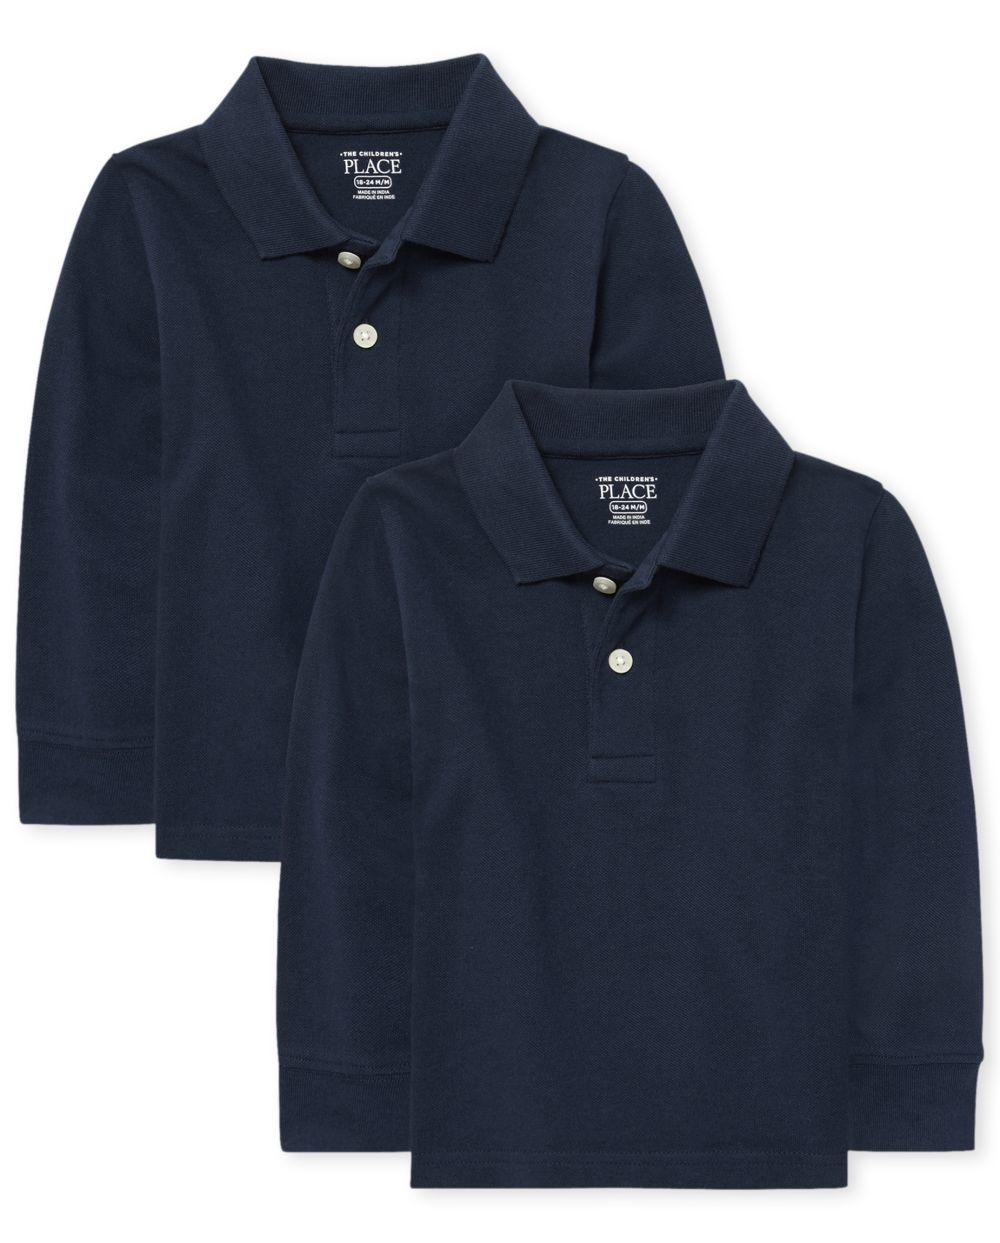 Polo de piqué de manga larga con uniforme de bebé y niño pequeño, paquete de 2